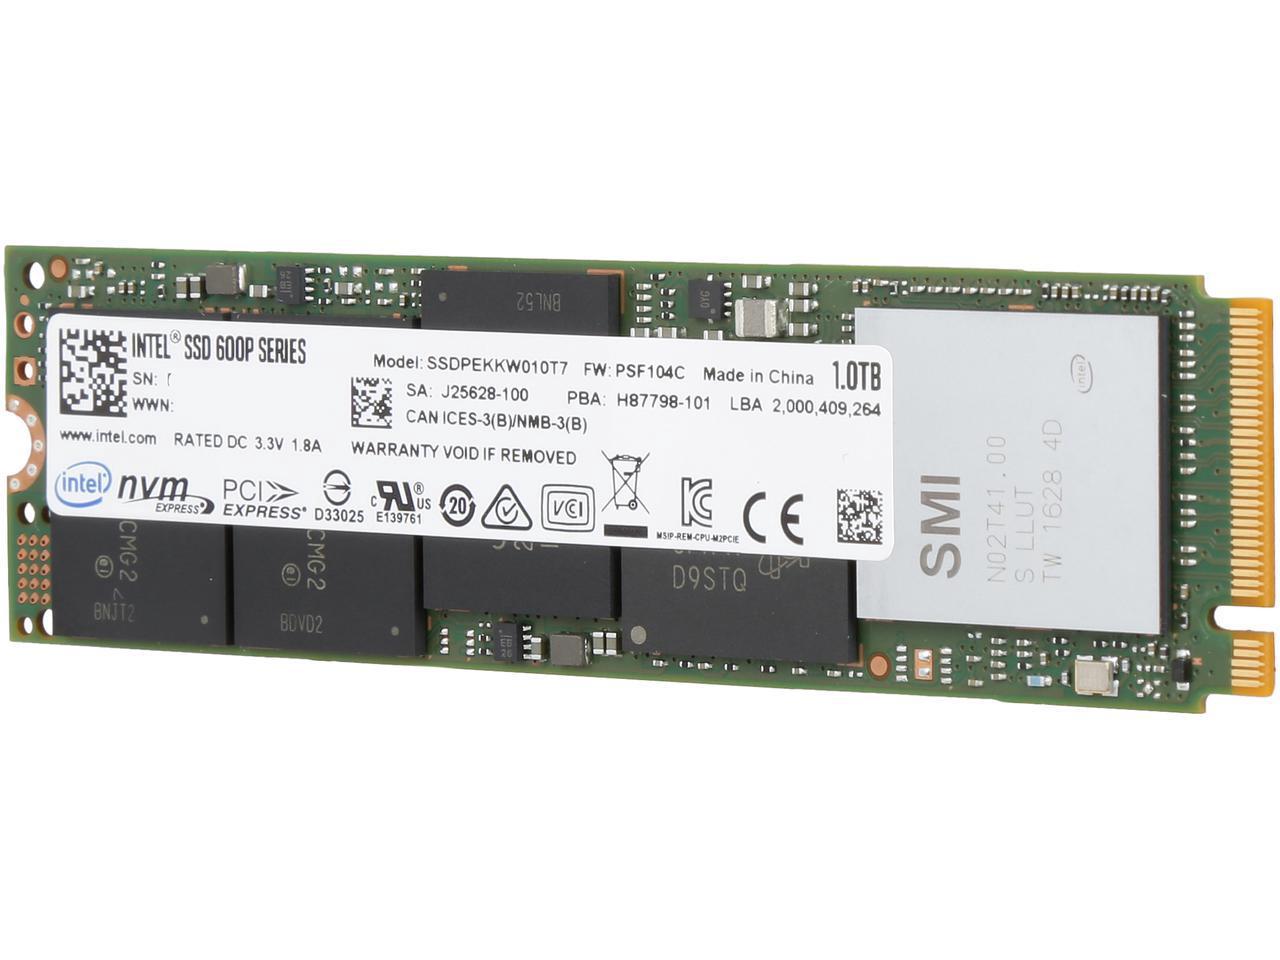 Intel SSD 600p Series 1TB 1T M.2 2280 80mm NVMe PCIe Gen3 x4 PCI-Express 3.0 x4 3D NAND 3D1 TLC Internal Solid State Drive SSDPEKKW010T7X1